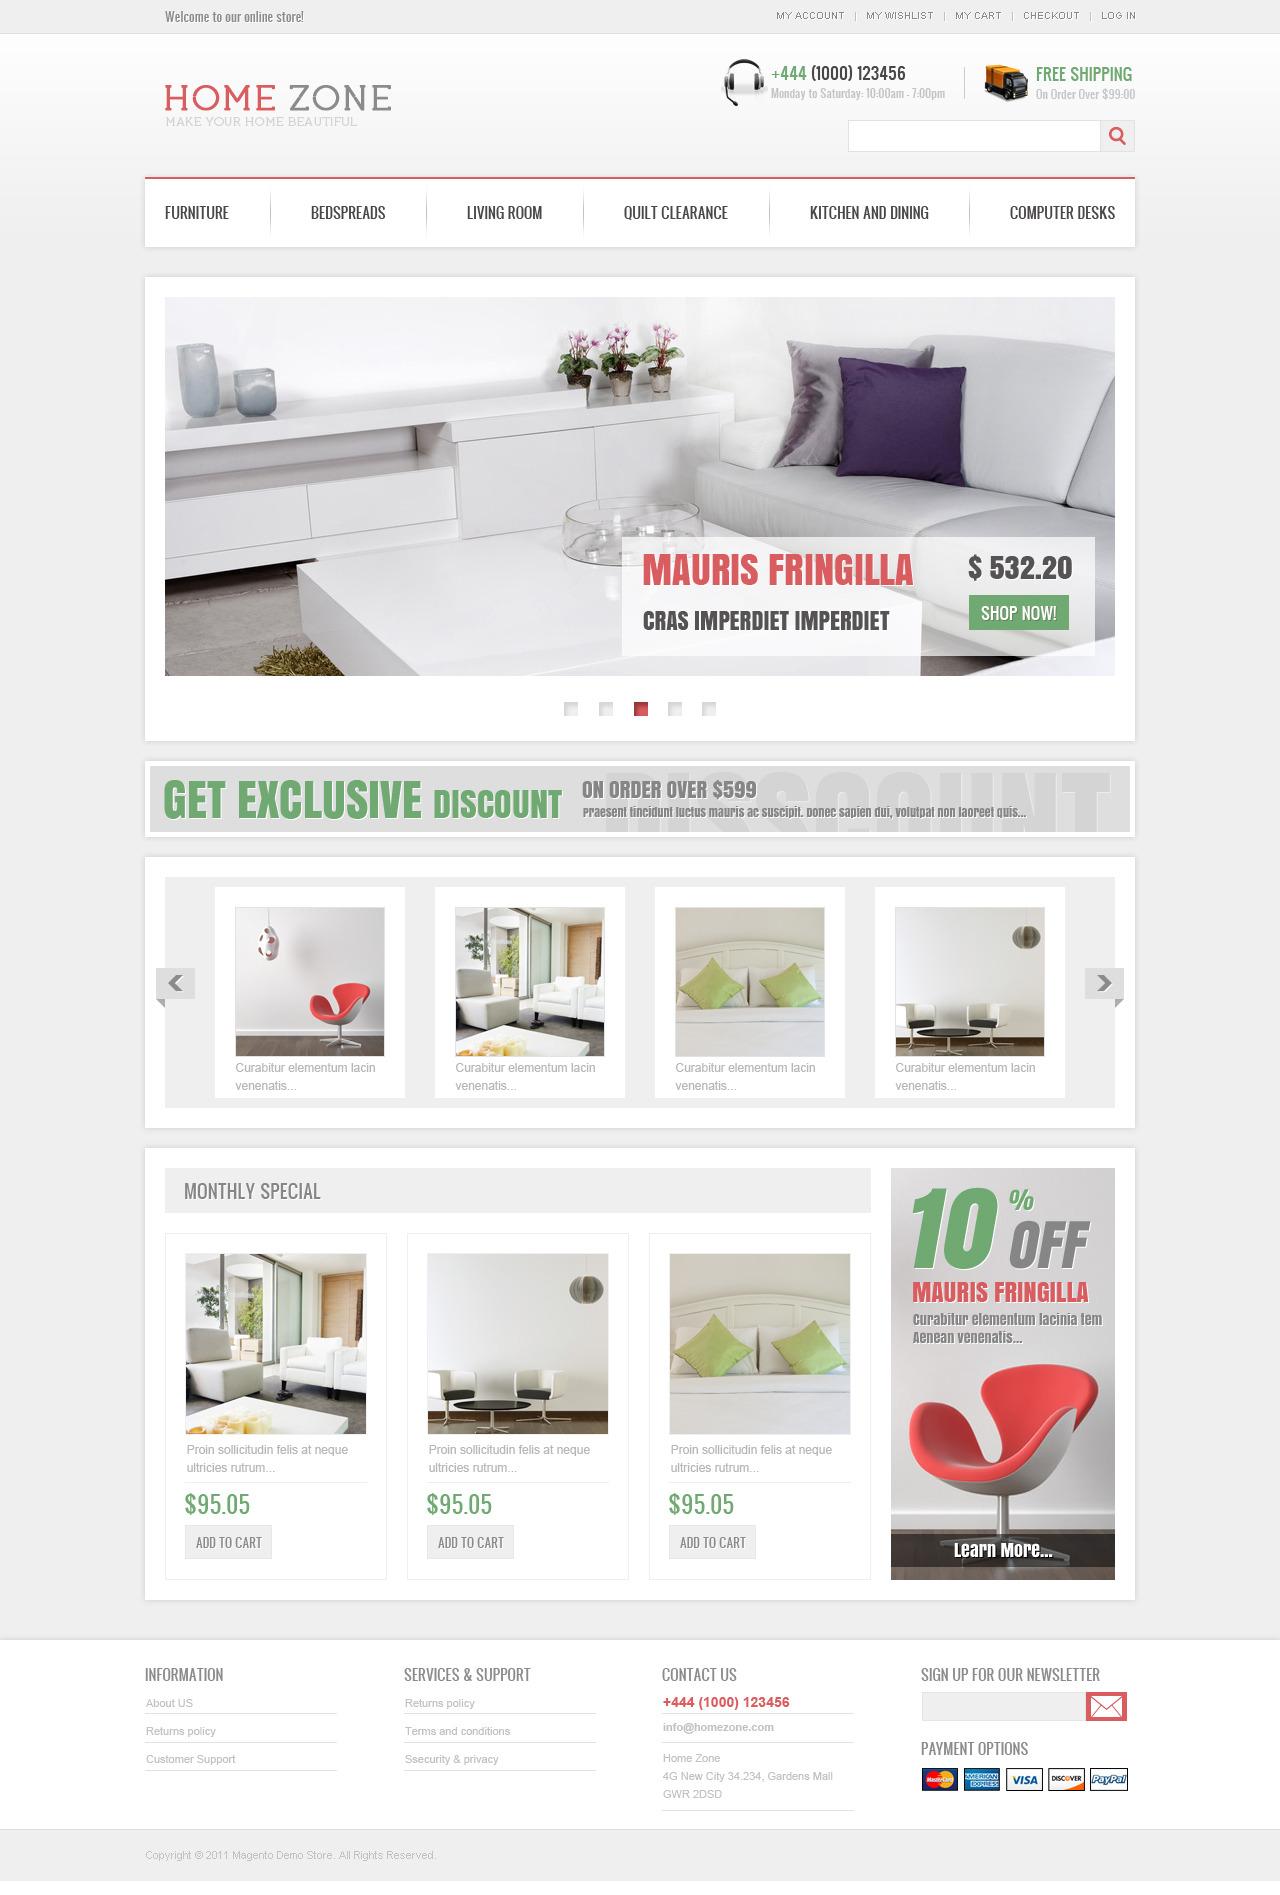 http://0.s3.envato.com/files/17494647/Preview/01_home.jpg